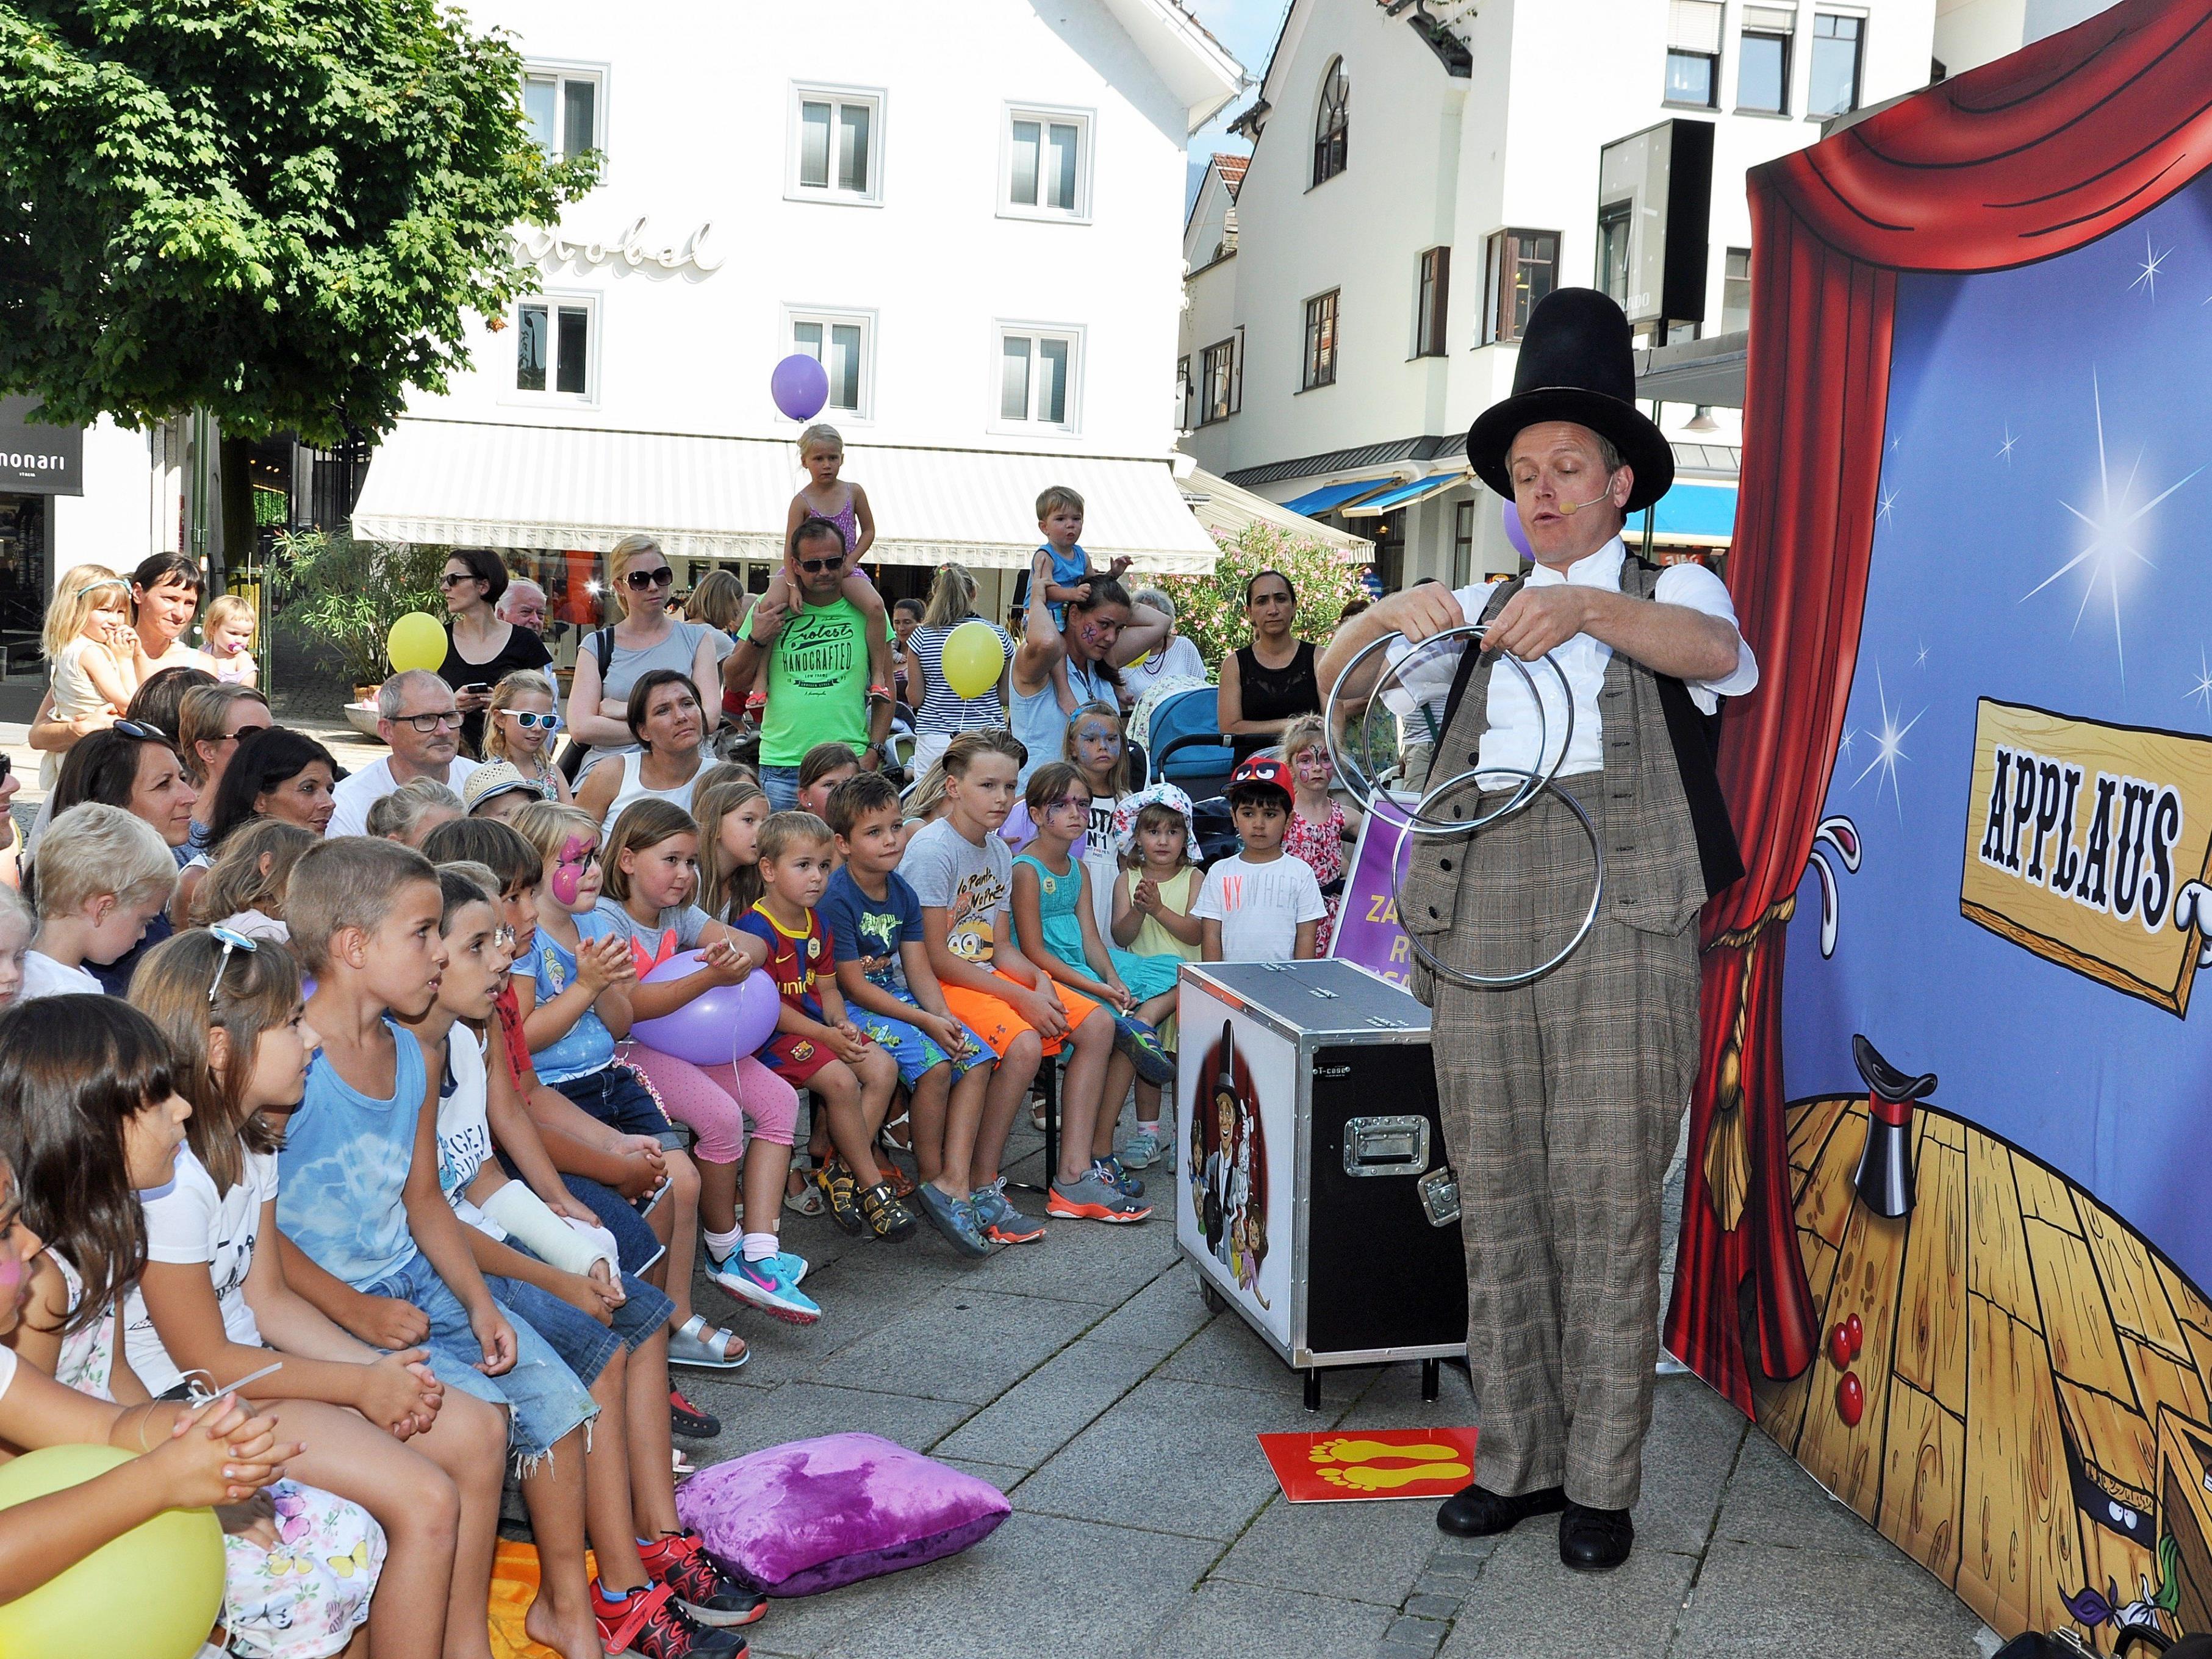 Die Straßenkünstler unterhielten Groß und Klein mit ihrem zauberhaften Programm.